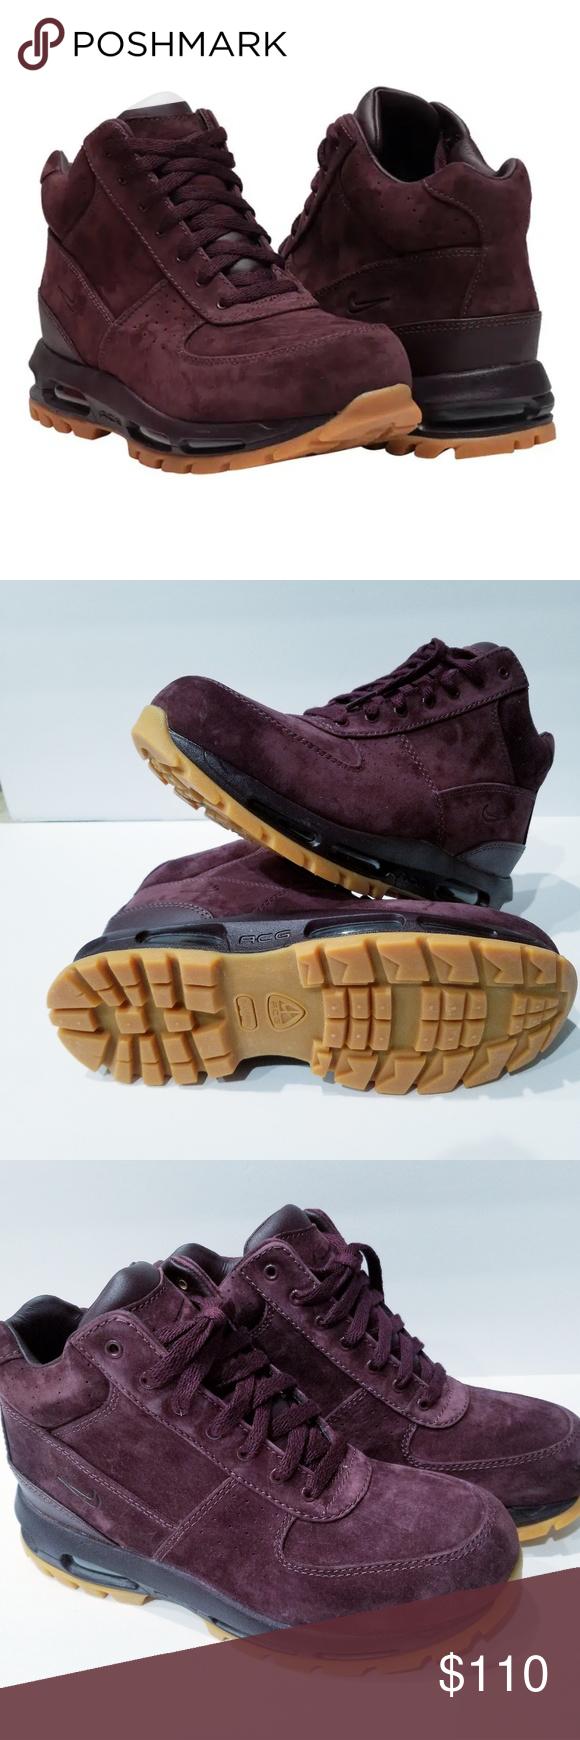 save off 7f4ac 35cba Nike Air Max Goadome 2013 Deep Burgundy Sneakers Nike Air Max Goadome 2013  Deep Burgundy Gum